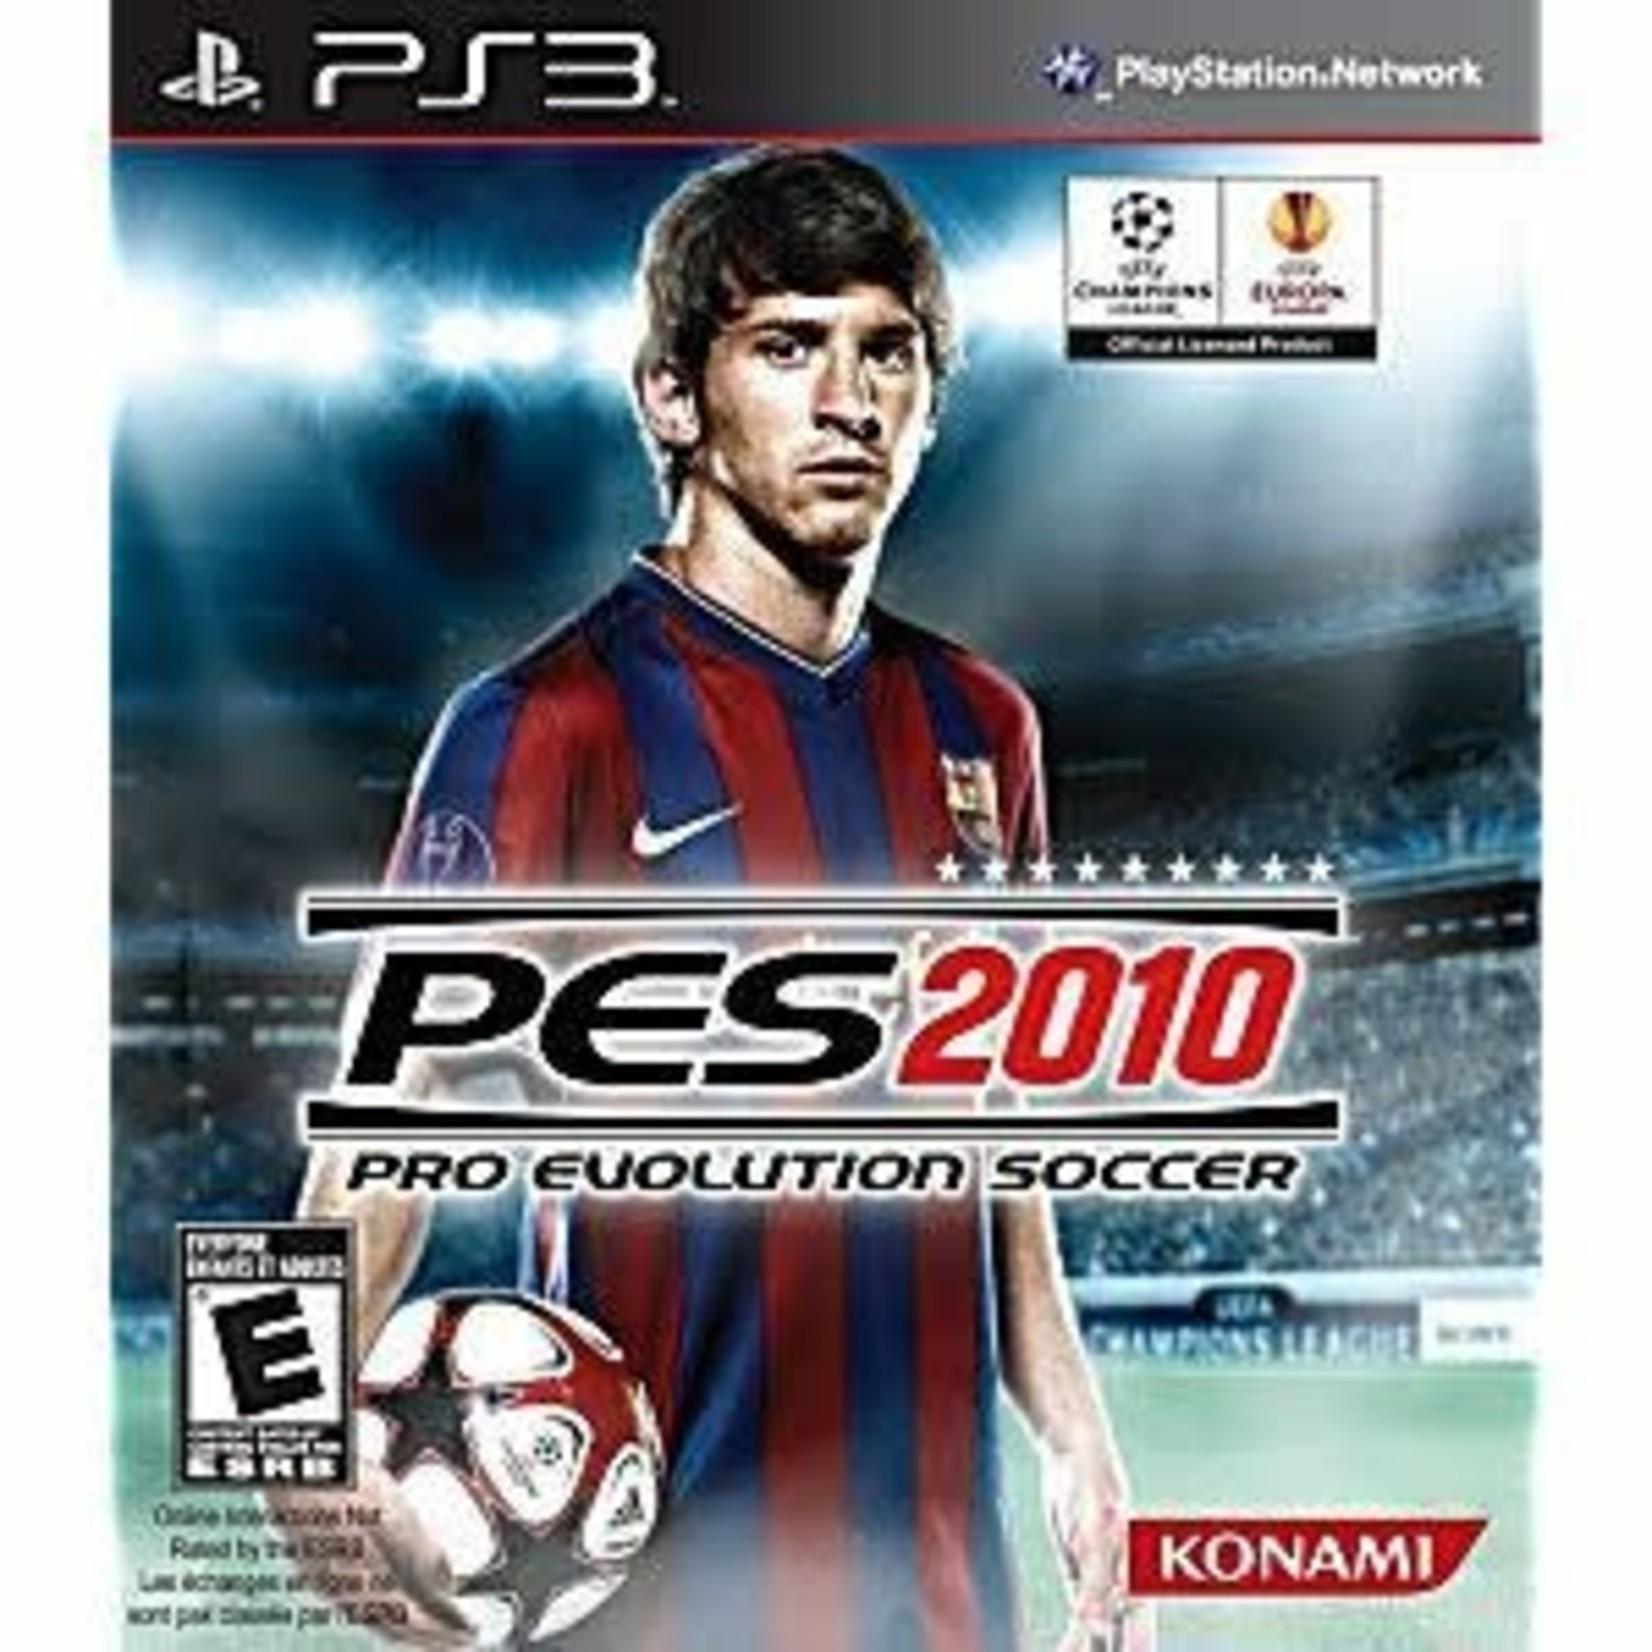 PS3U-Pro Evolution Soccer 2010